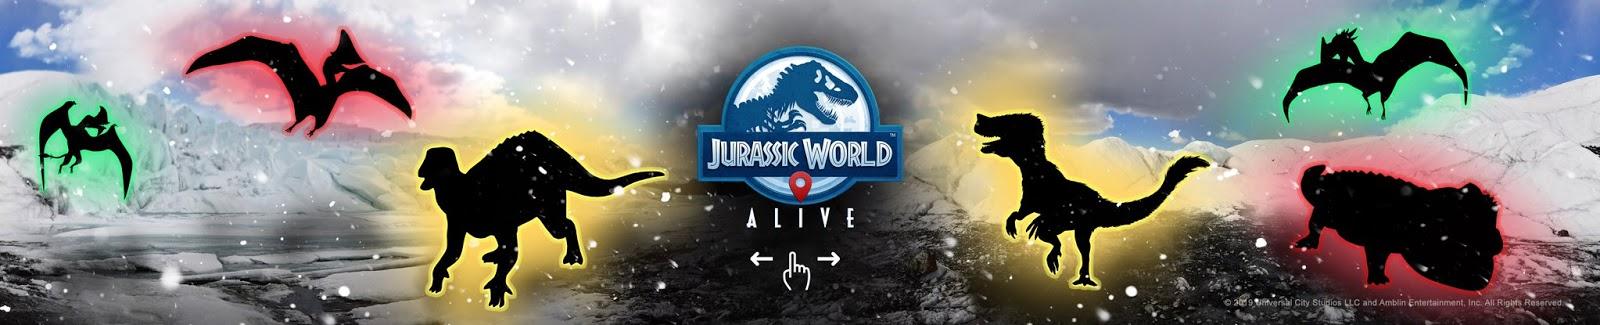 Jurassic World Alive EPICS tournament results